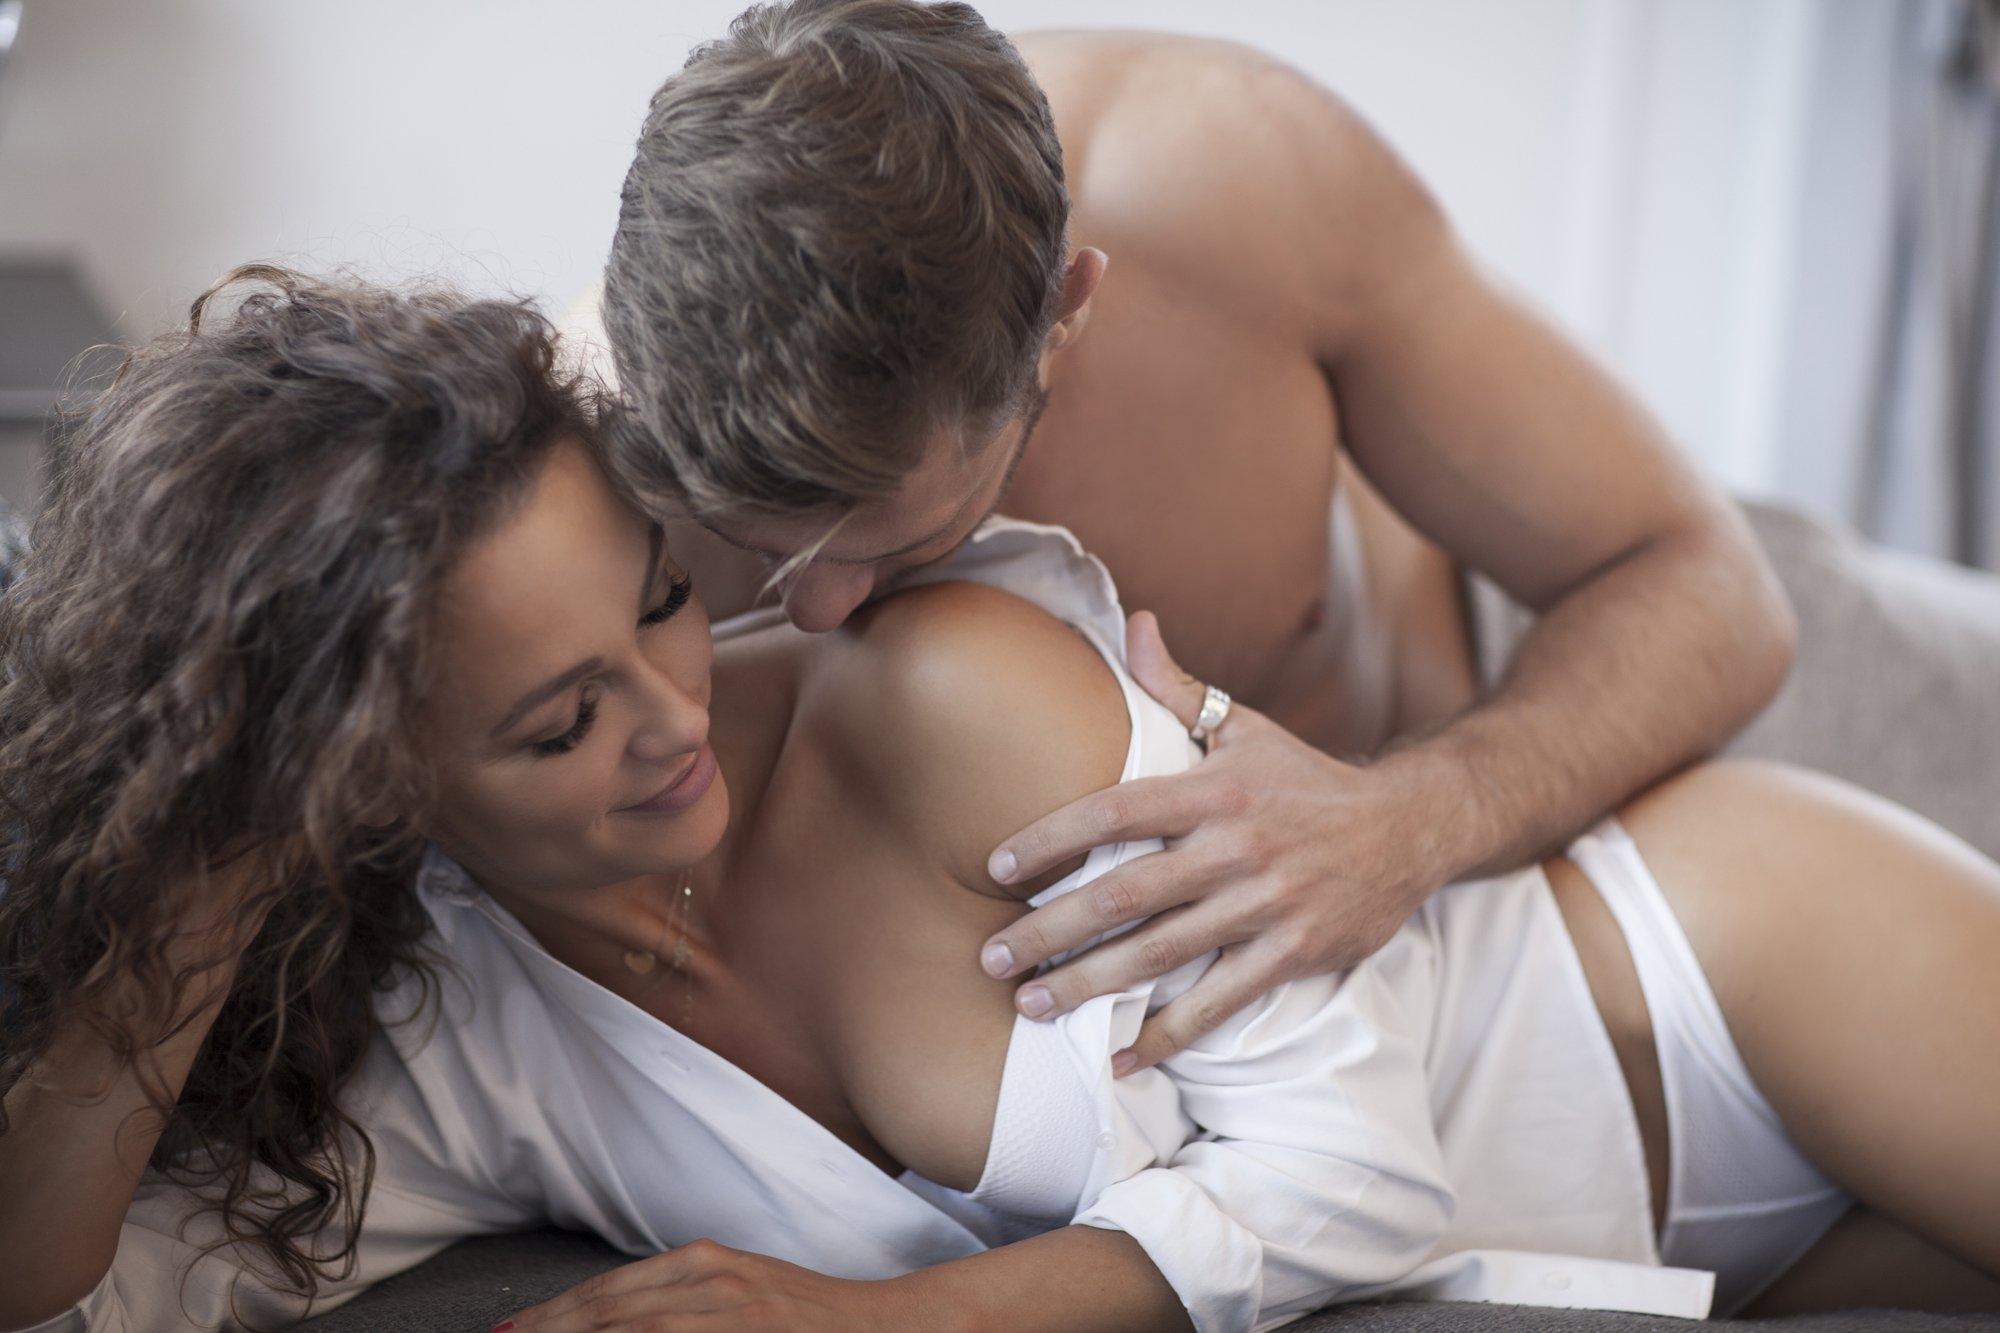 porady na temat pierwszego seksu blog sexshop112